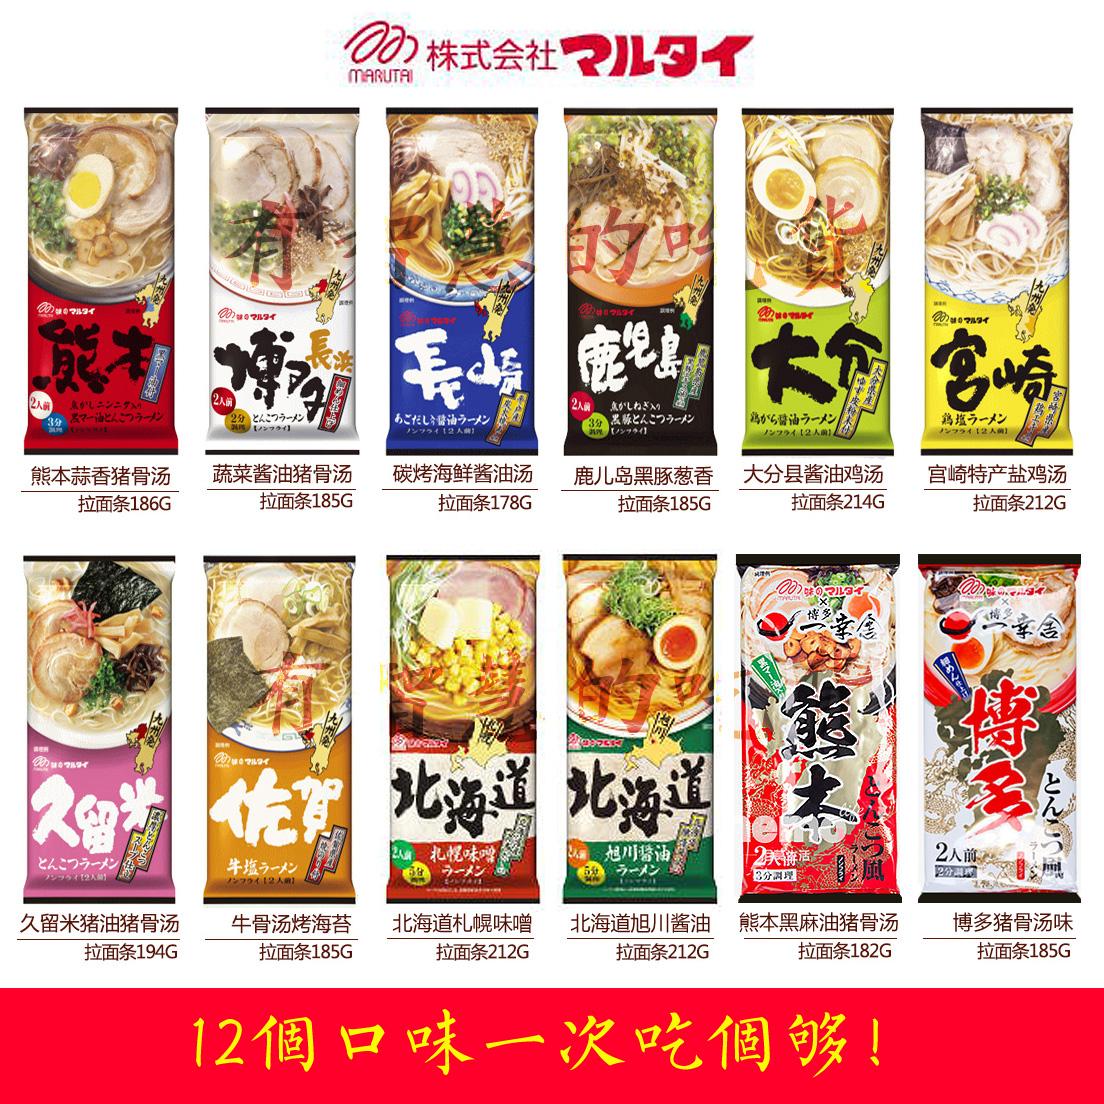 12袋装 日本进口面条Marutai丸太九州拉面双人份方便面泡面小食堂,网红进口零食丸太九州拉面